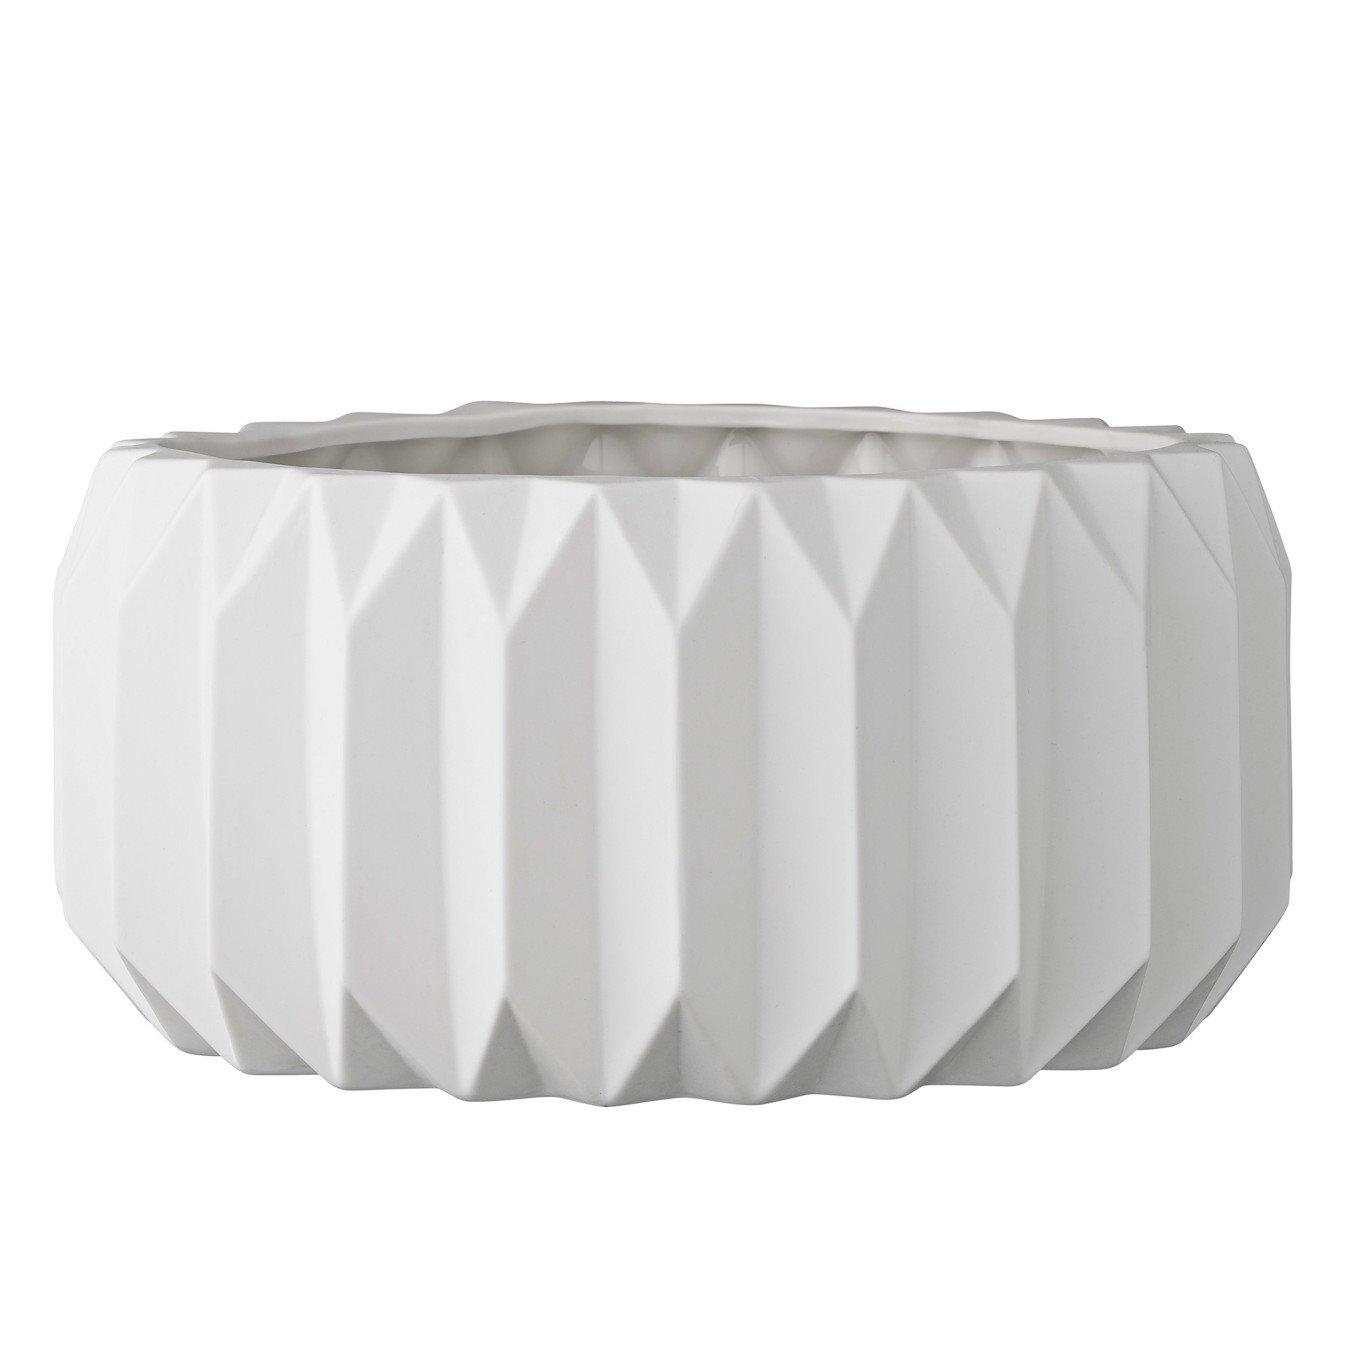 Shallow White Fluted Ceramic Flower Pot